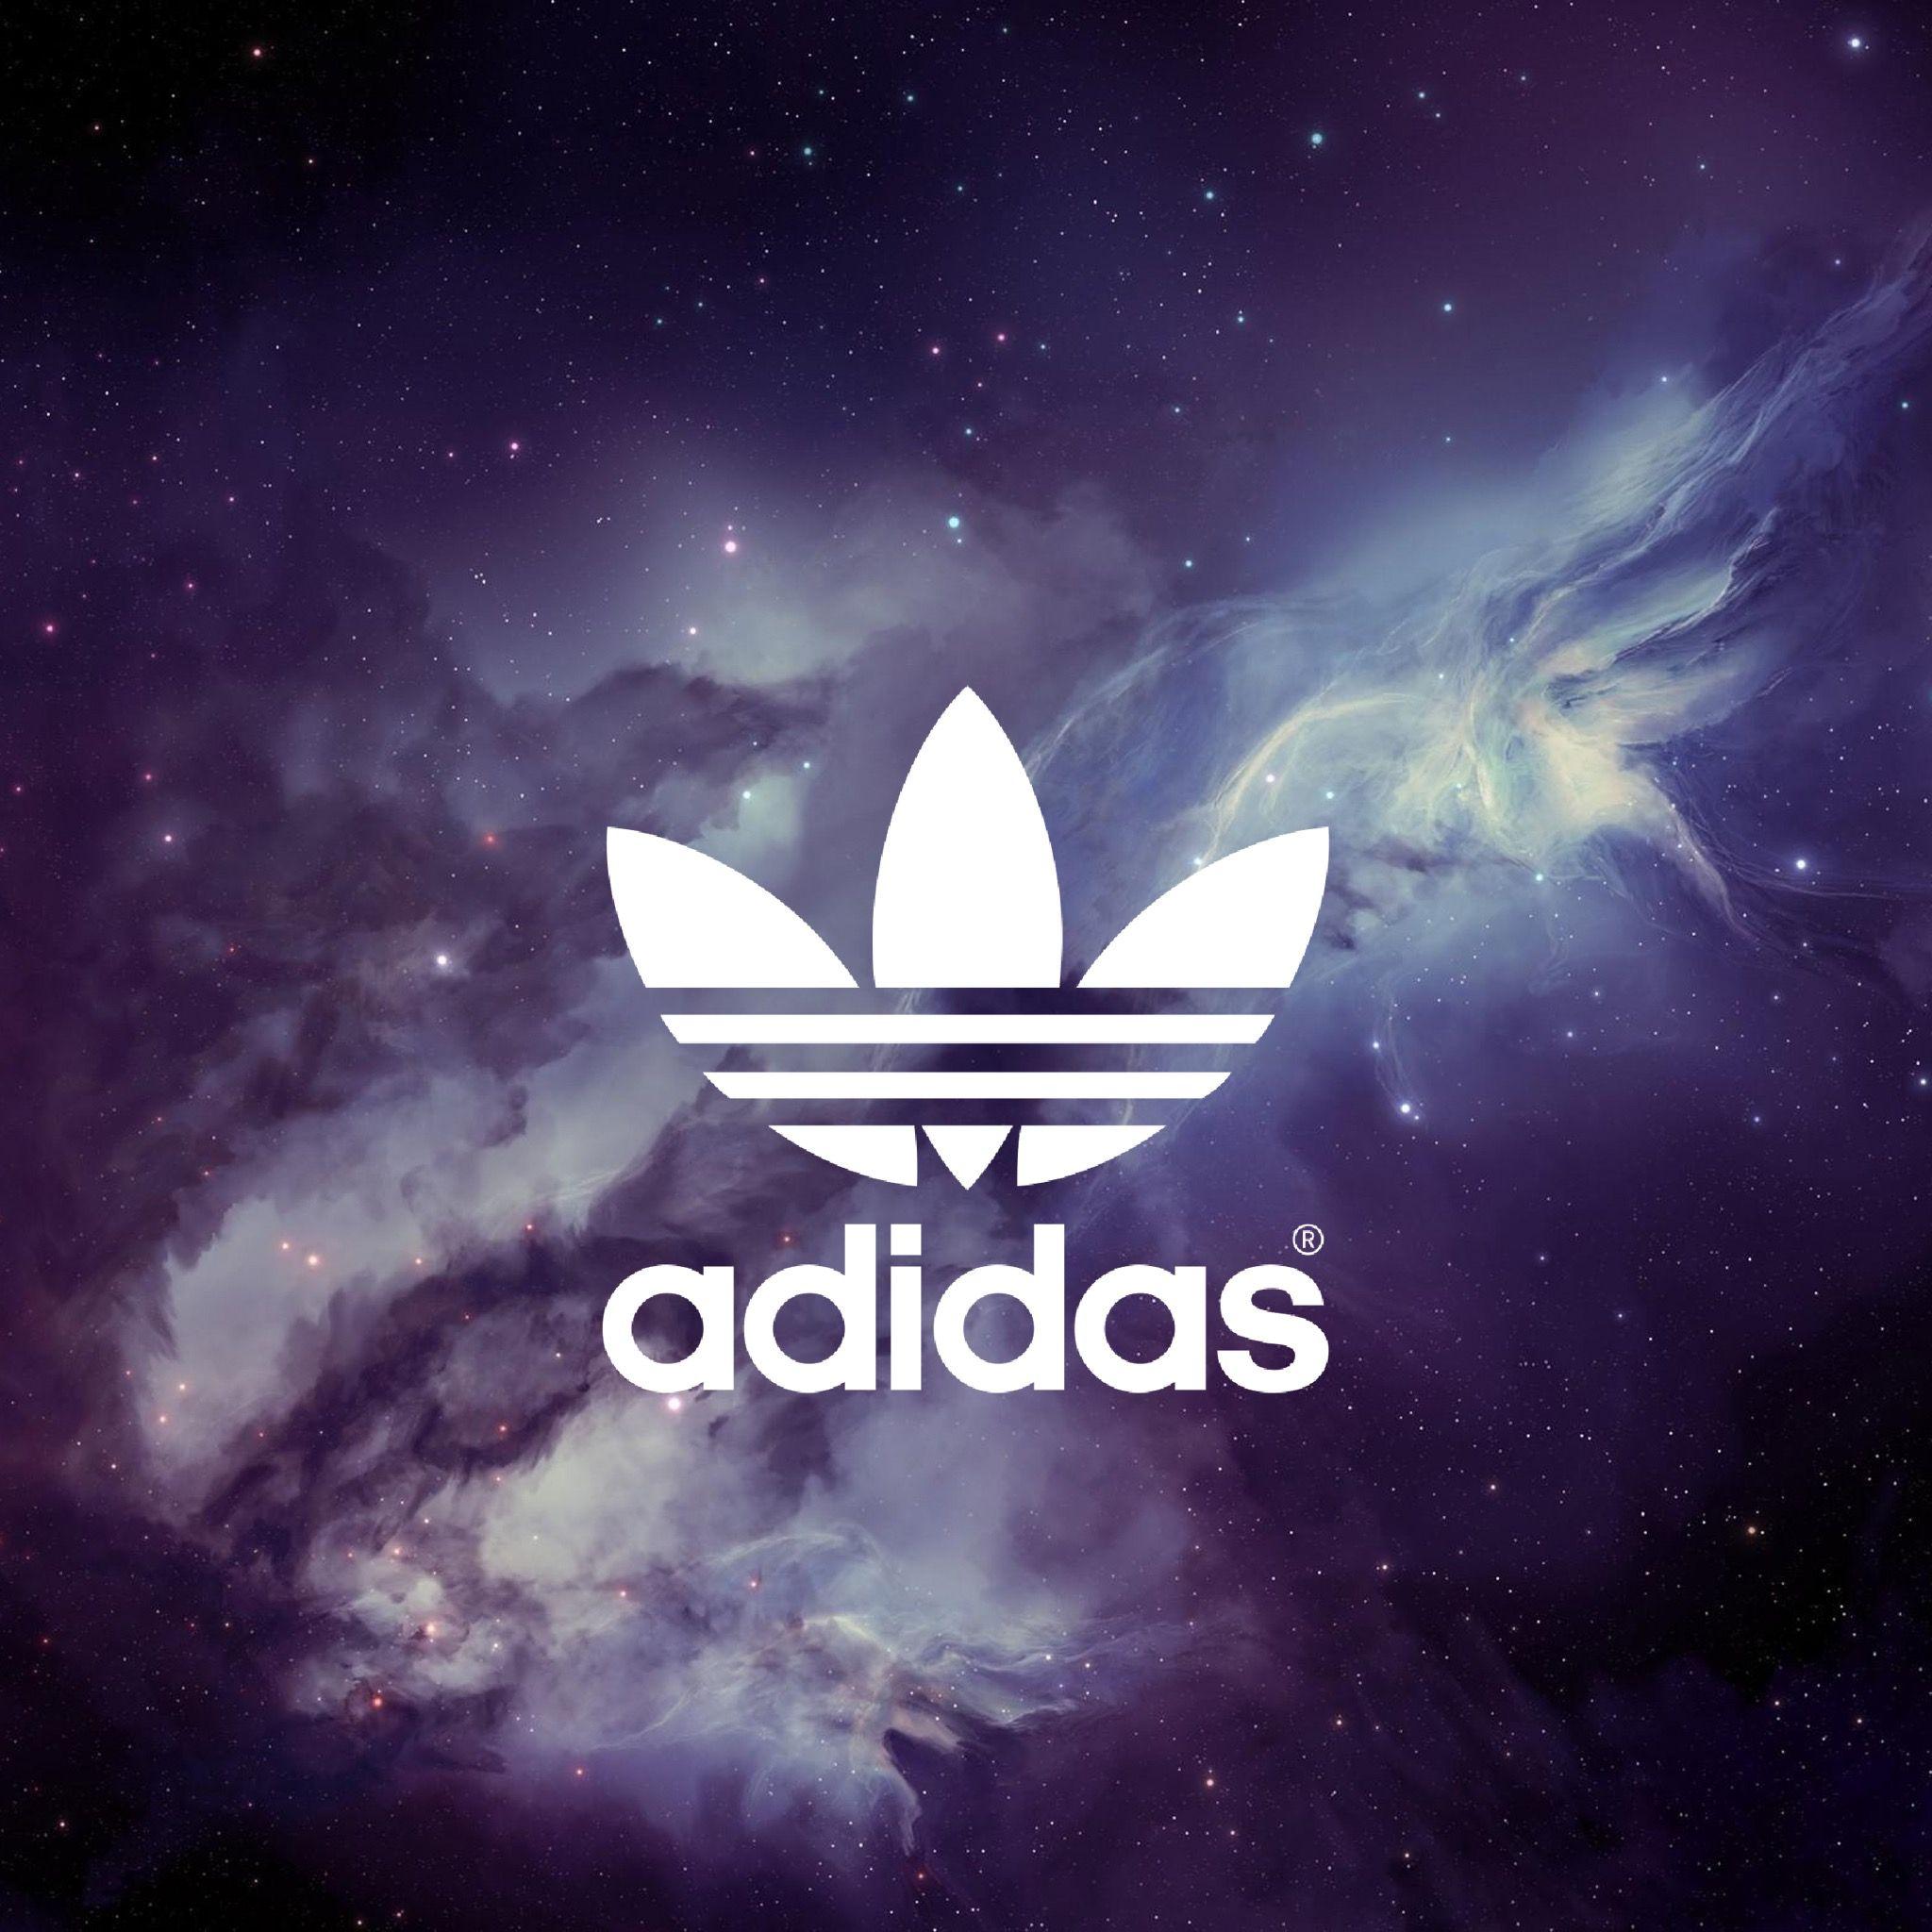 Adidas Galaxy Wallpaper | WALPAPERS | Pinterest | Wallpaper